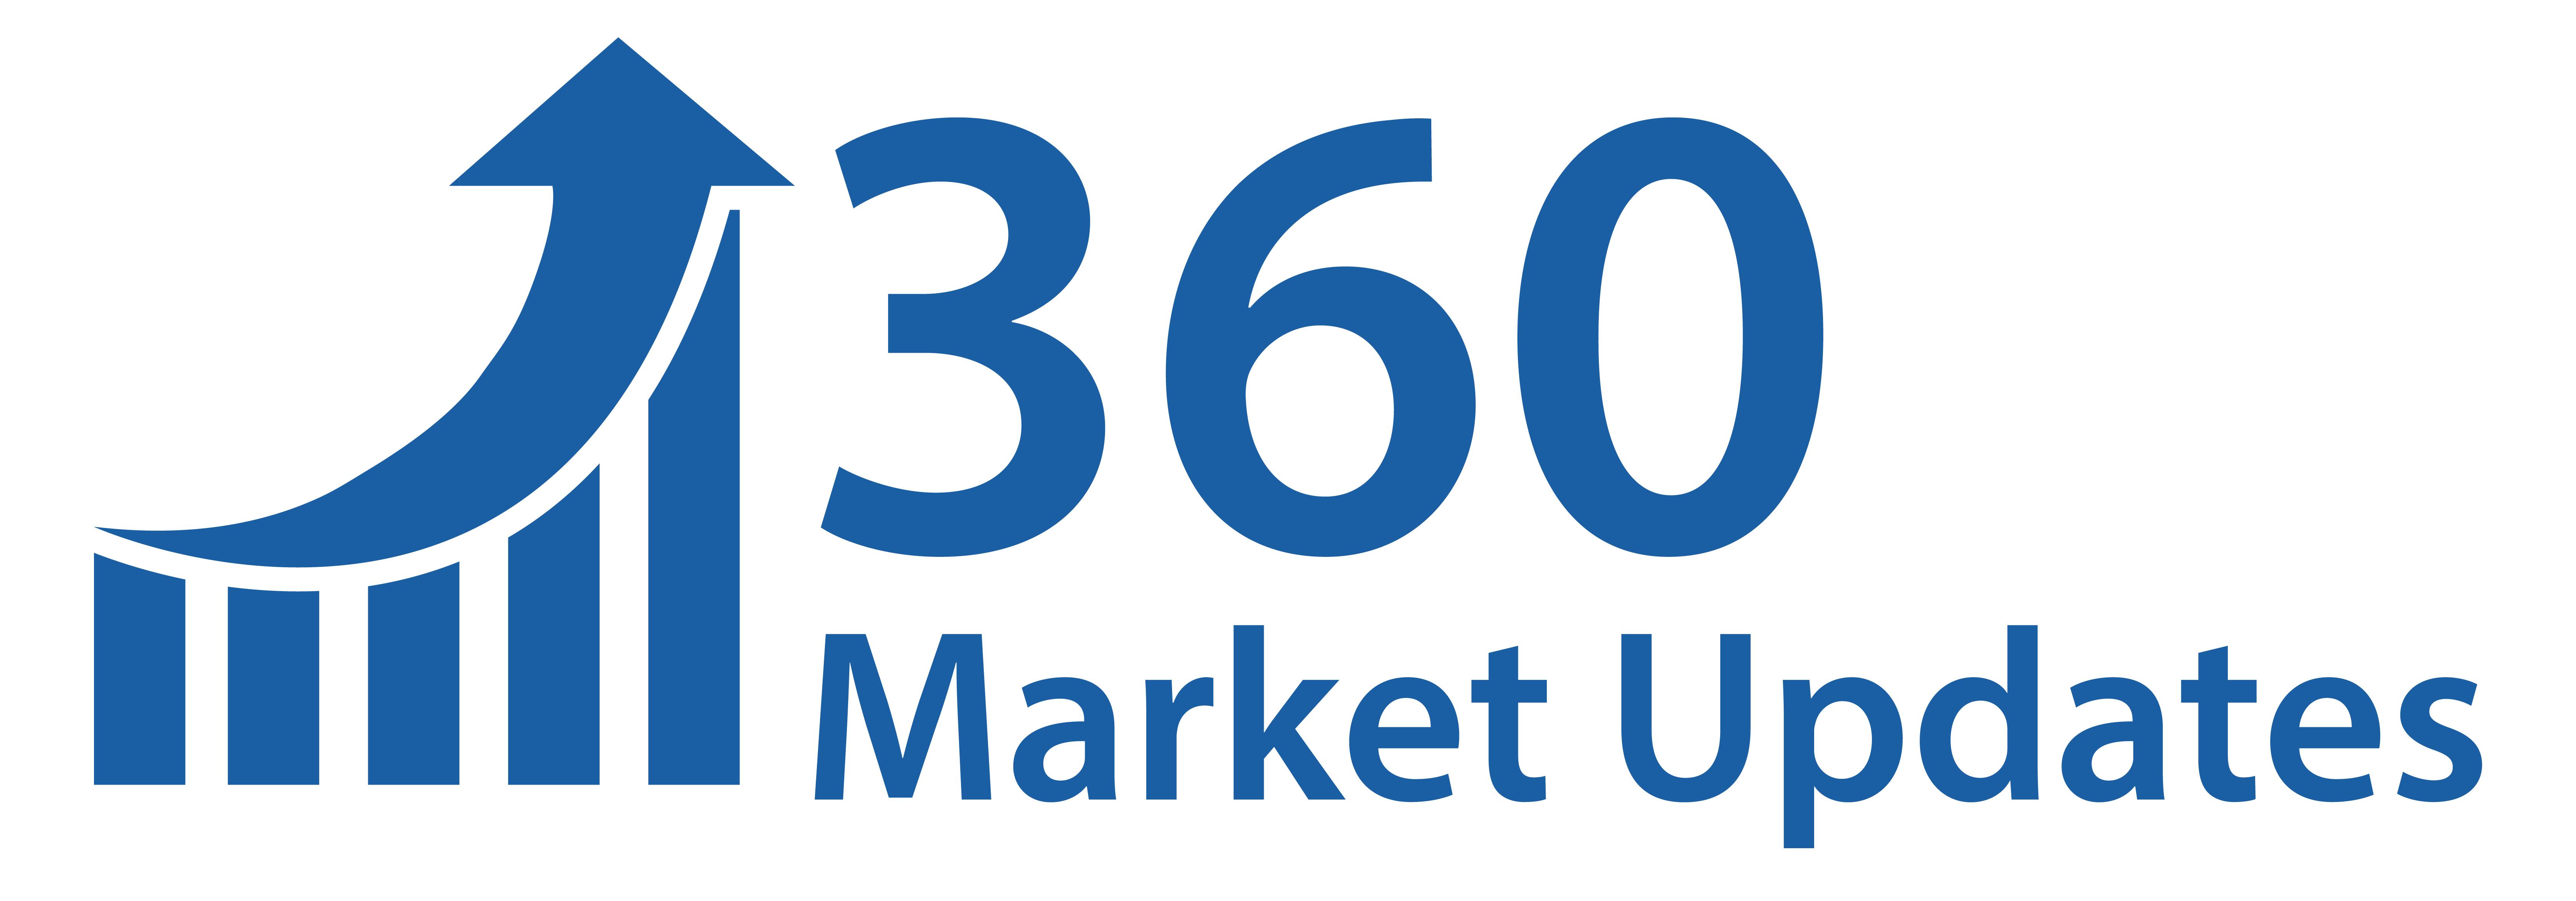 Tragbare Klimaanlage Markt Schlüsselakteure in der globalen Region mit Marktanteil en den Sektor Haus, Küche und Großgeräte Prognose bis 2023